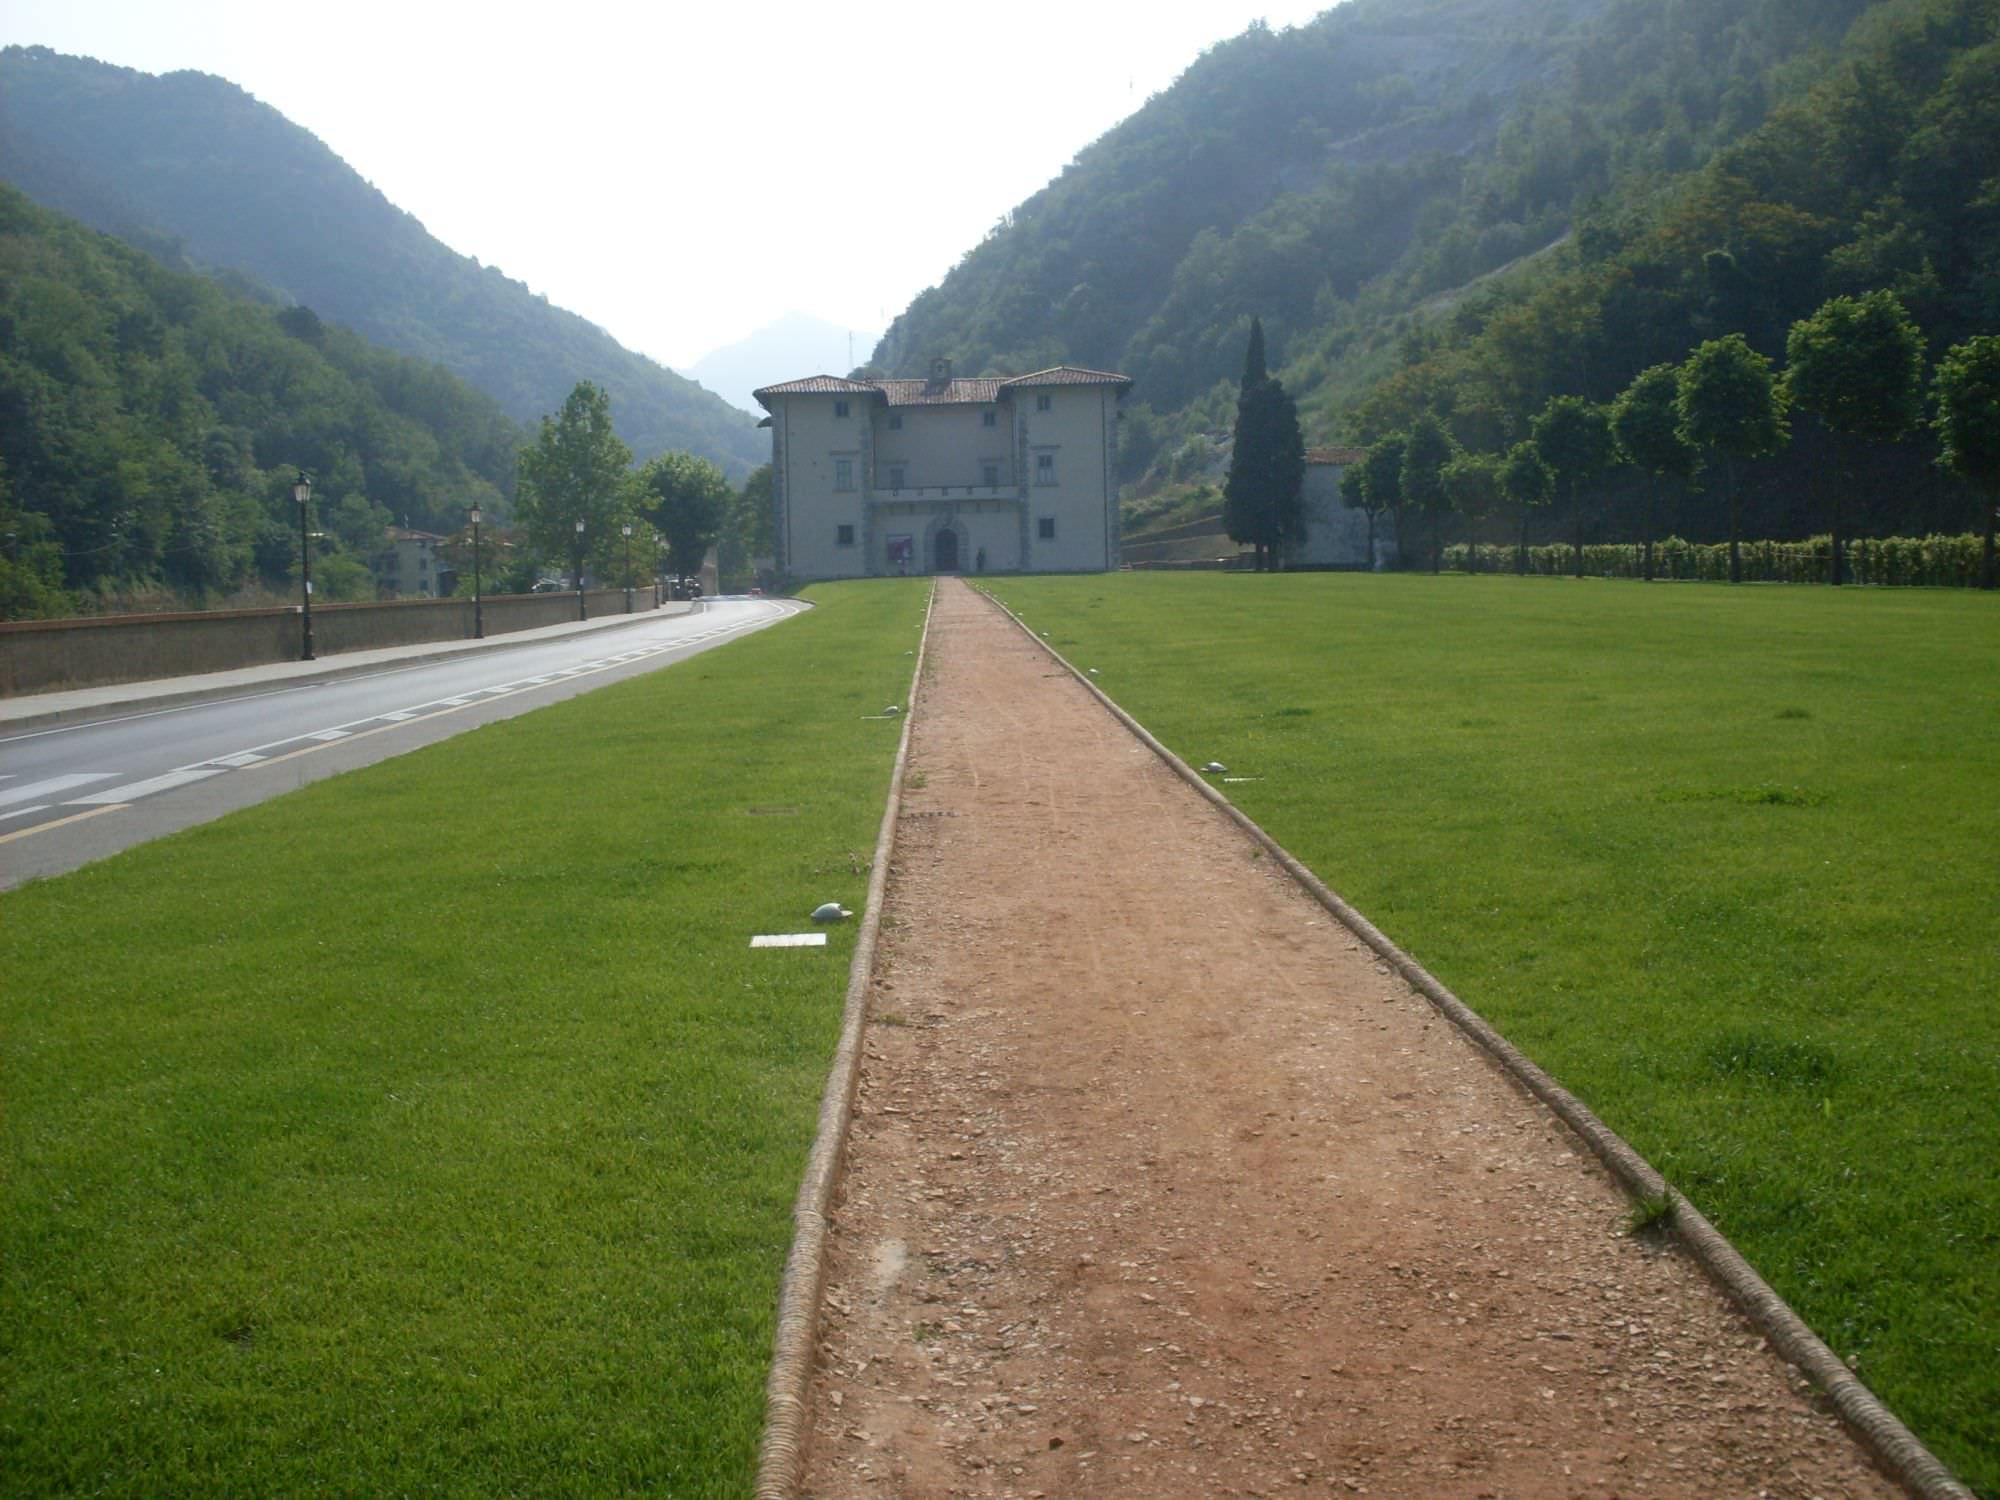 L'Unesco consegna il certificato di Patrimonio dell'Umanità a Palazzo Mediceo